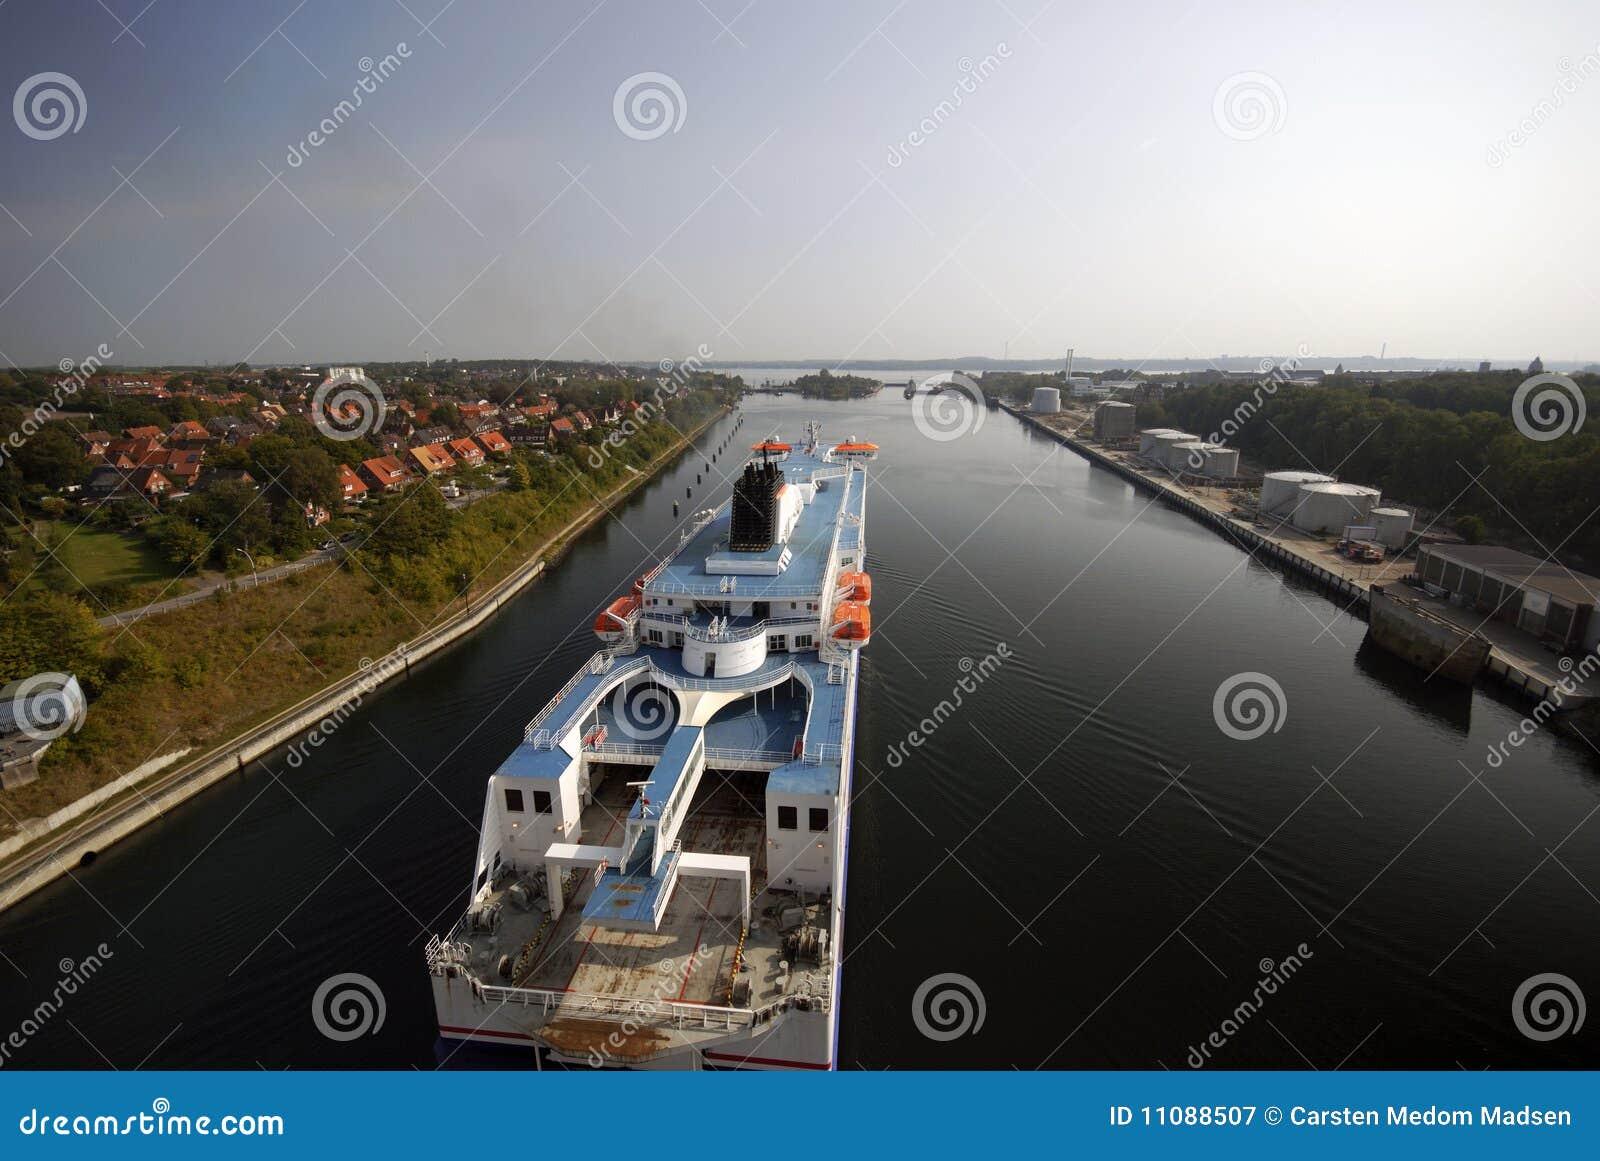 Slot Kiel